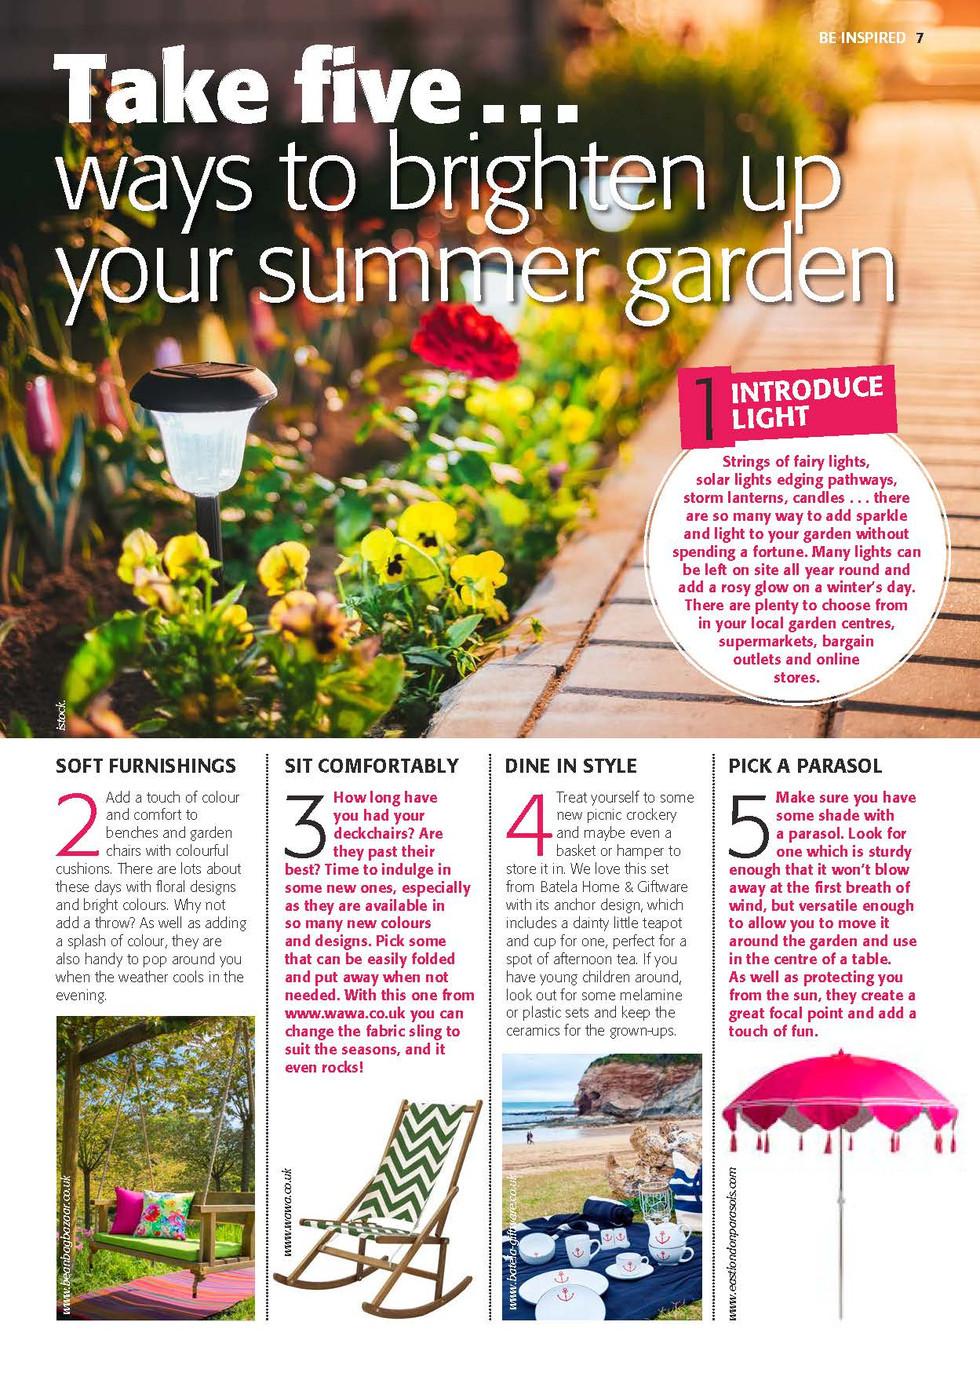 5 ways to brighten up your summer garden